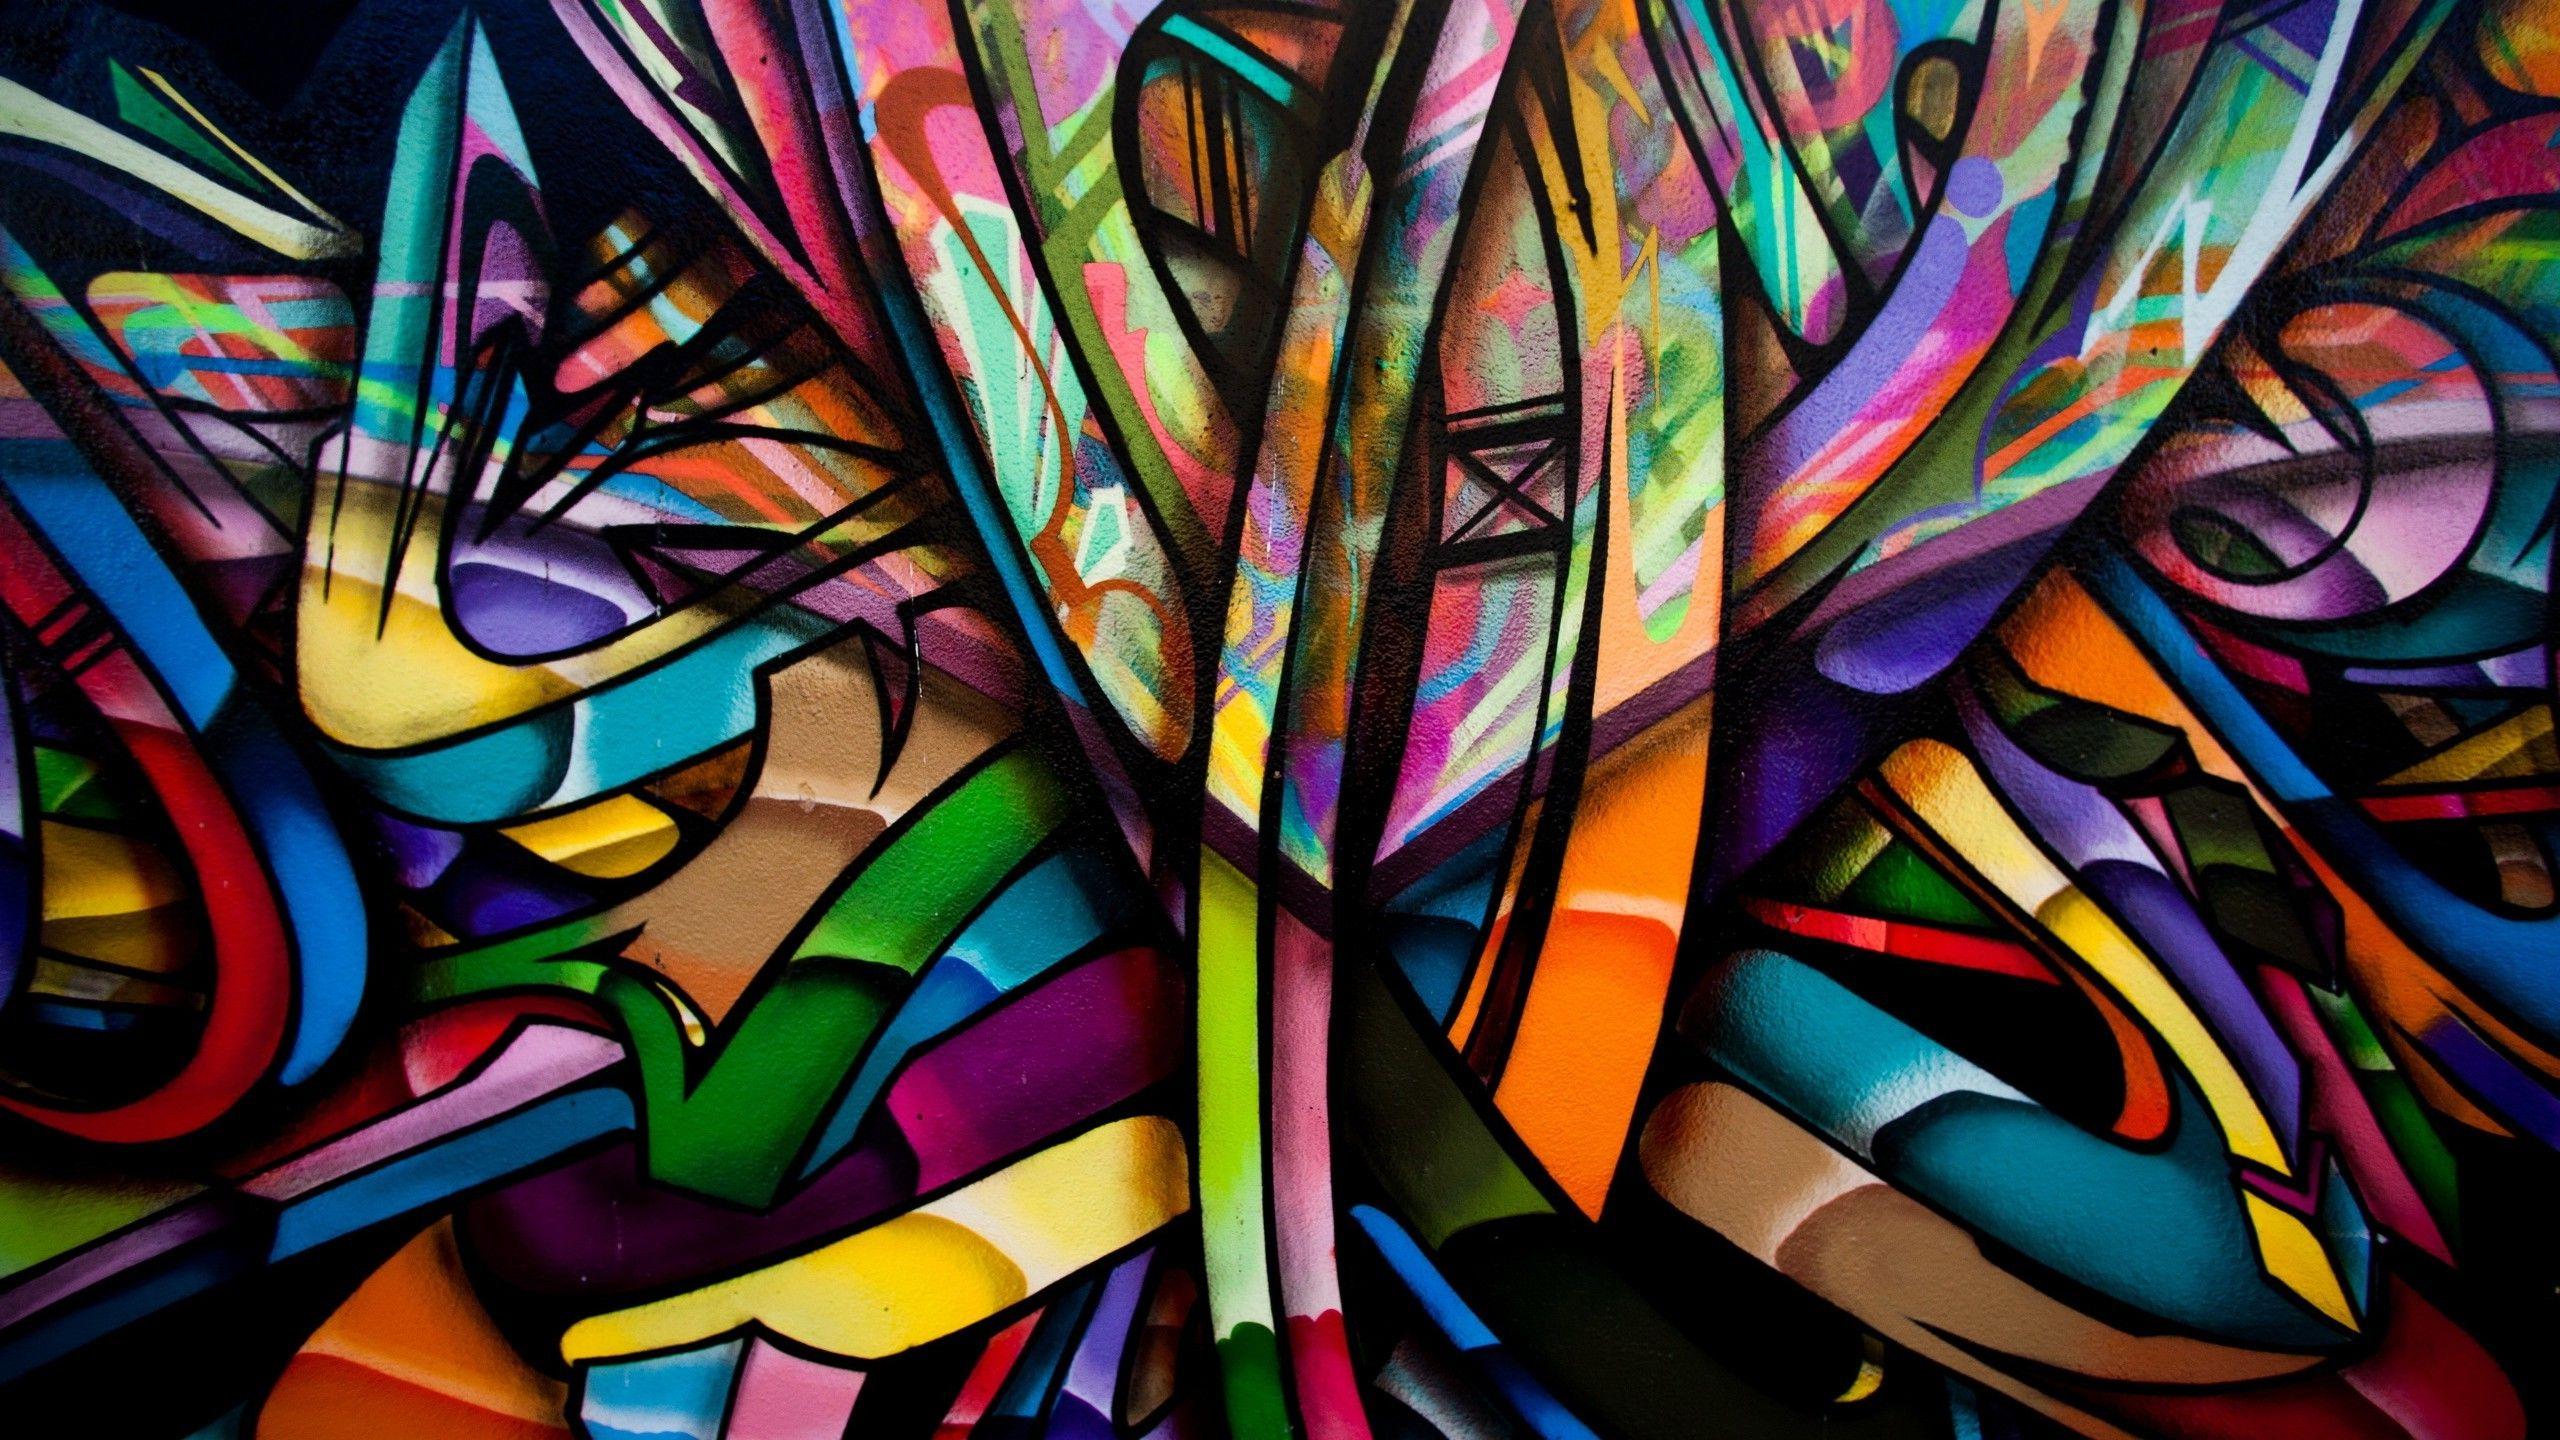 abstract, Colorful, Graffiti, Walls, Artwork, Painting ...